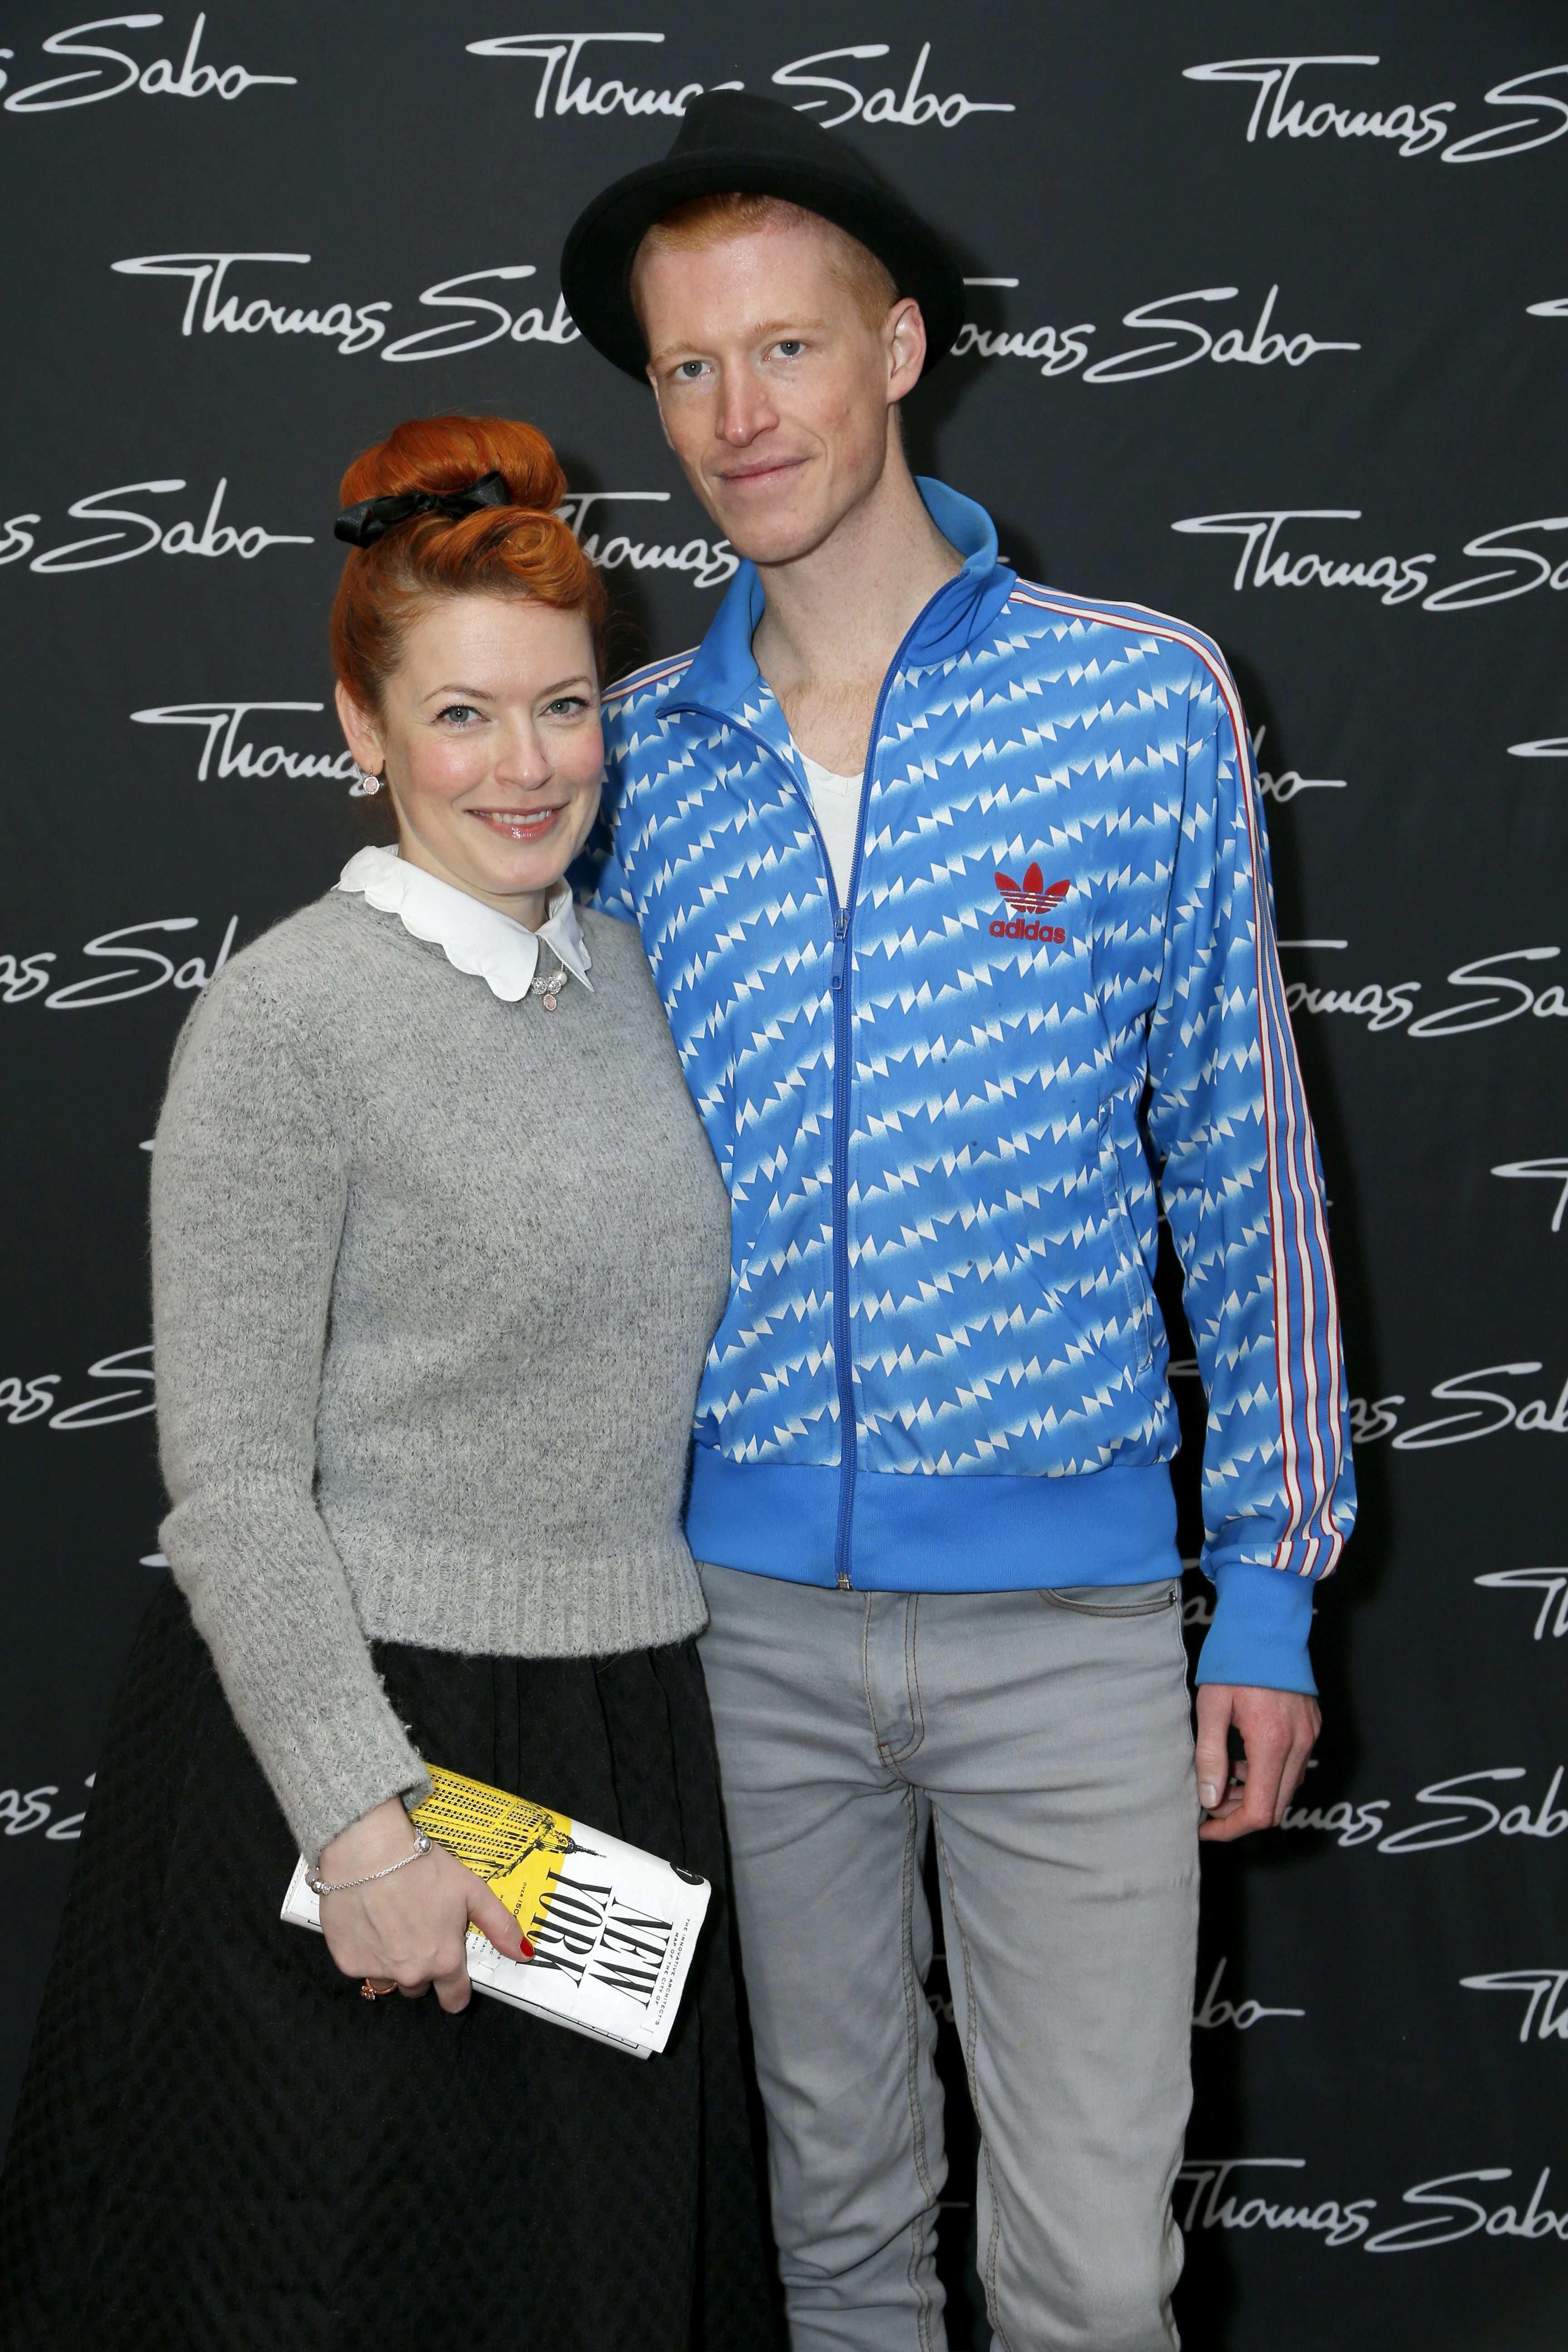 Enie Van De Meiklokjes And Tobias Staerbo At The Thomas Sabo Press Cocktail C Jessica Kassner Enie